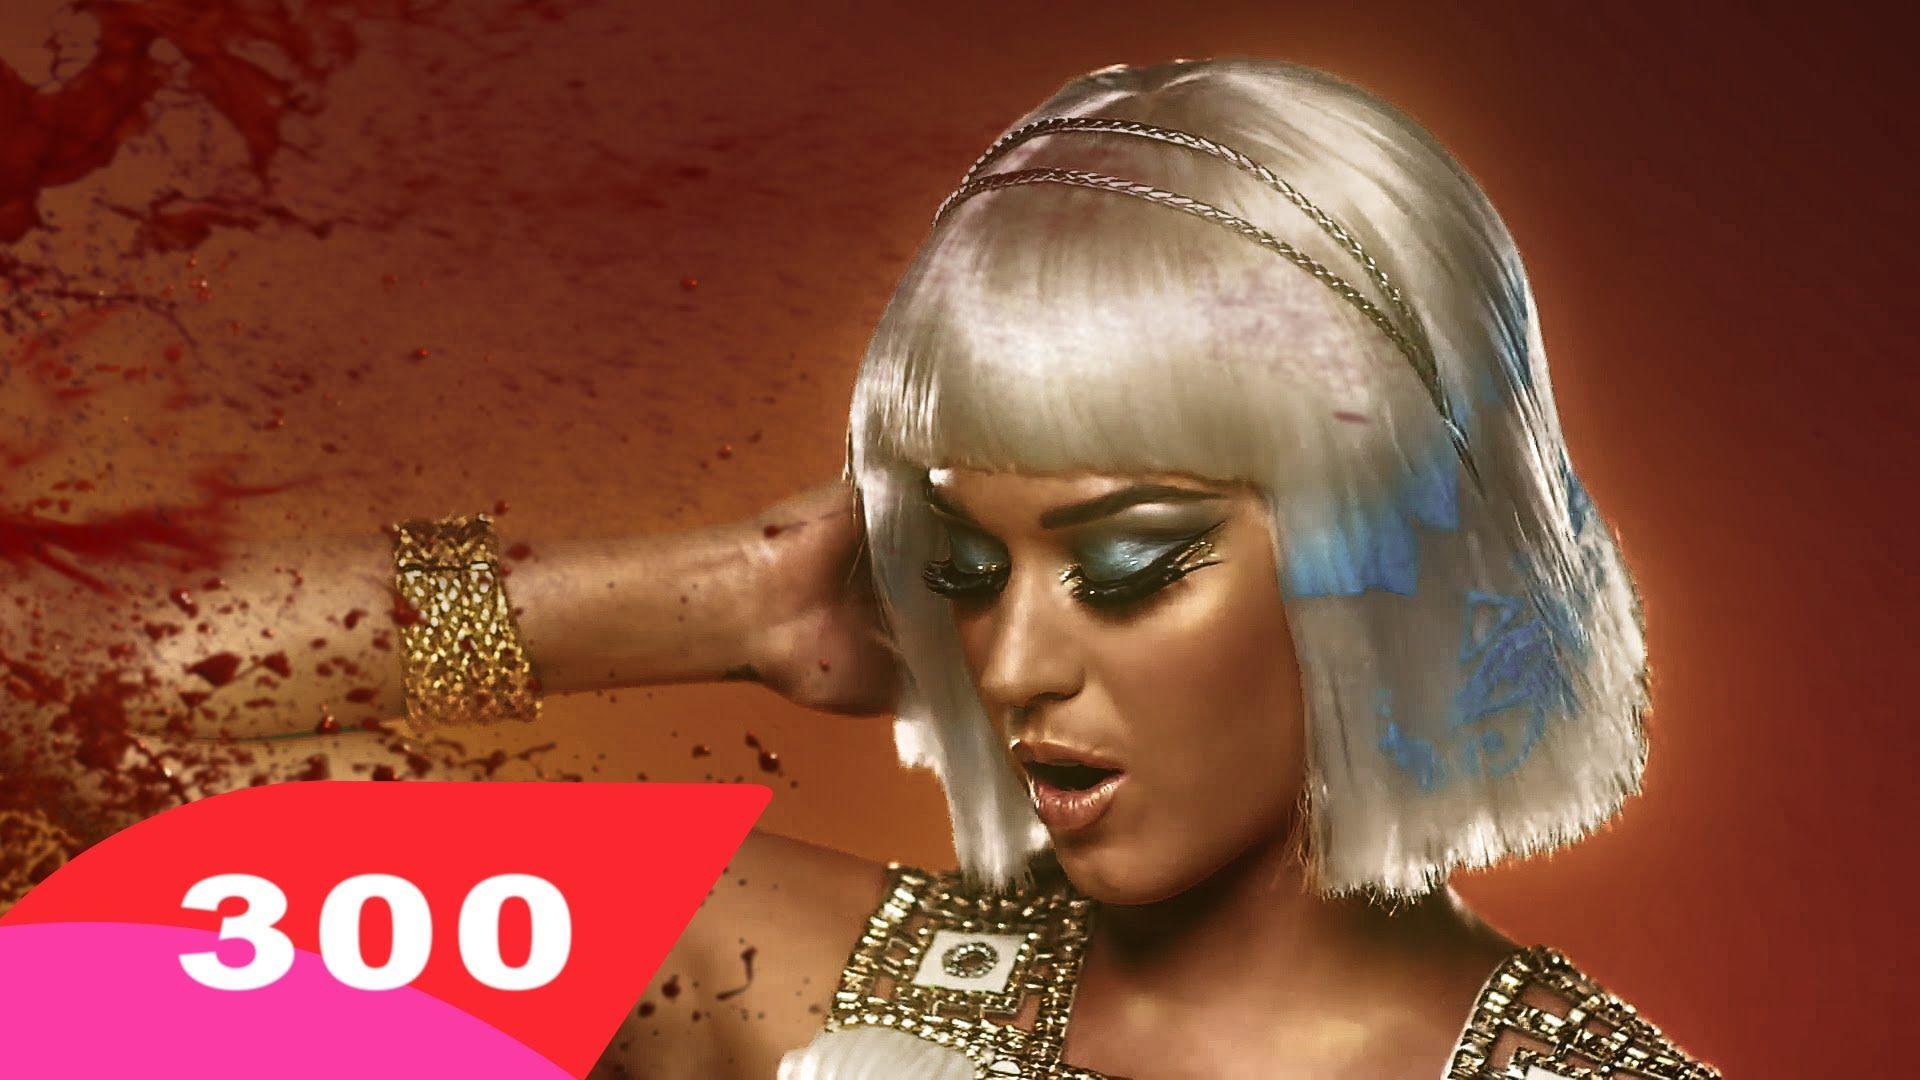 Imagens do Clipe da Katy Perry - Dark Horse (Official) ft. Juicy J Com o áudio do Trailer do novo 300. Inscreva-se no canal Zebra Kamikaze! https://www.youtu...